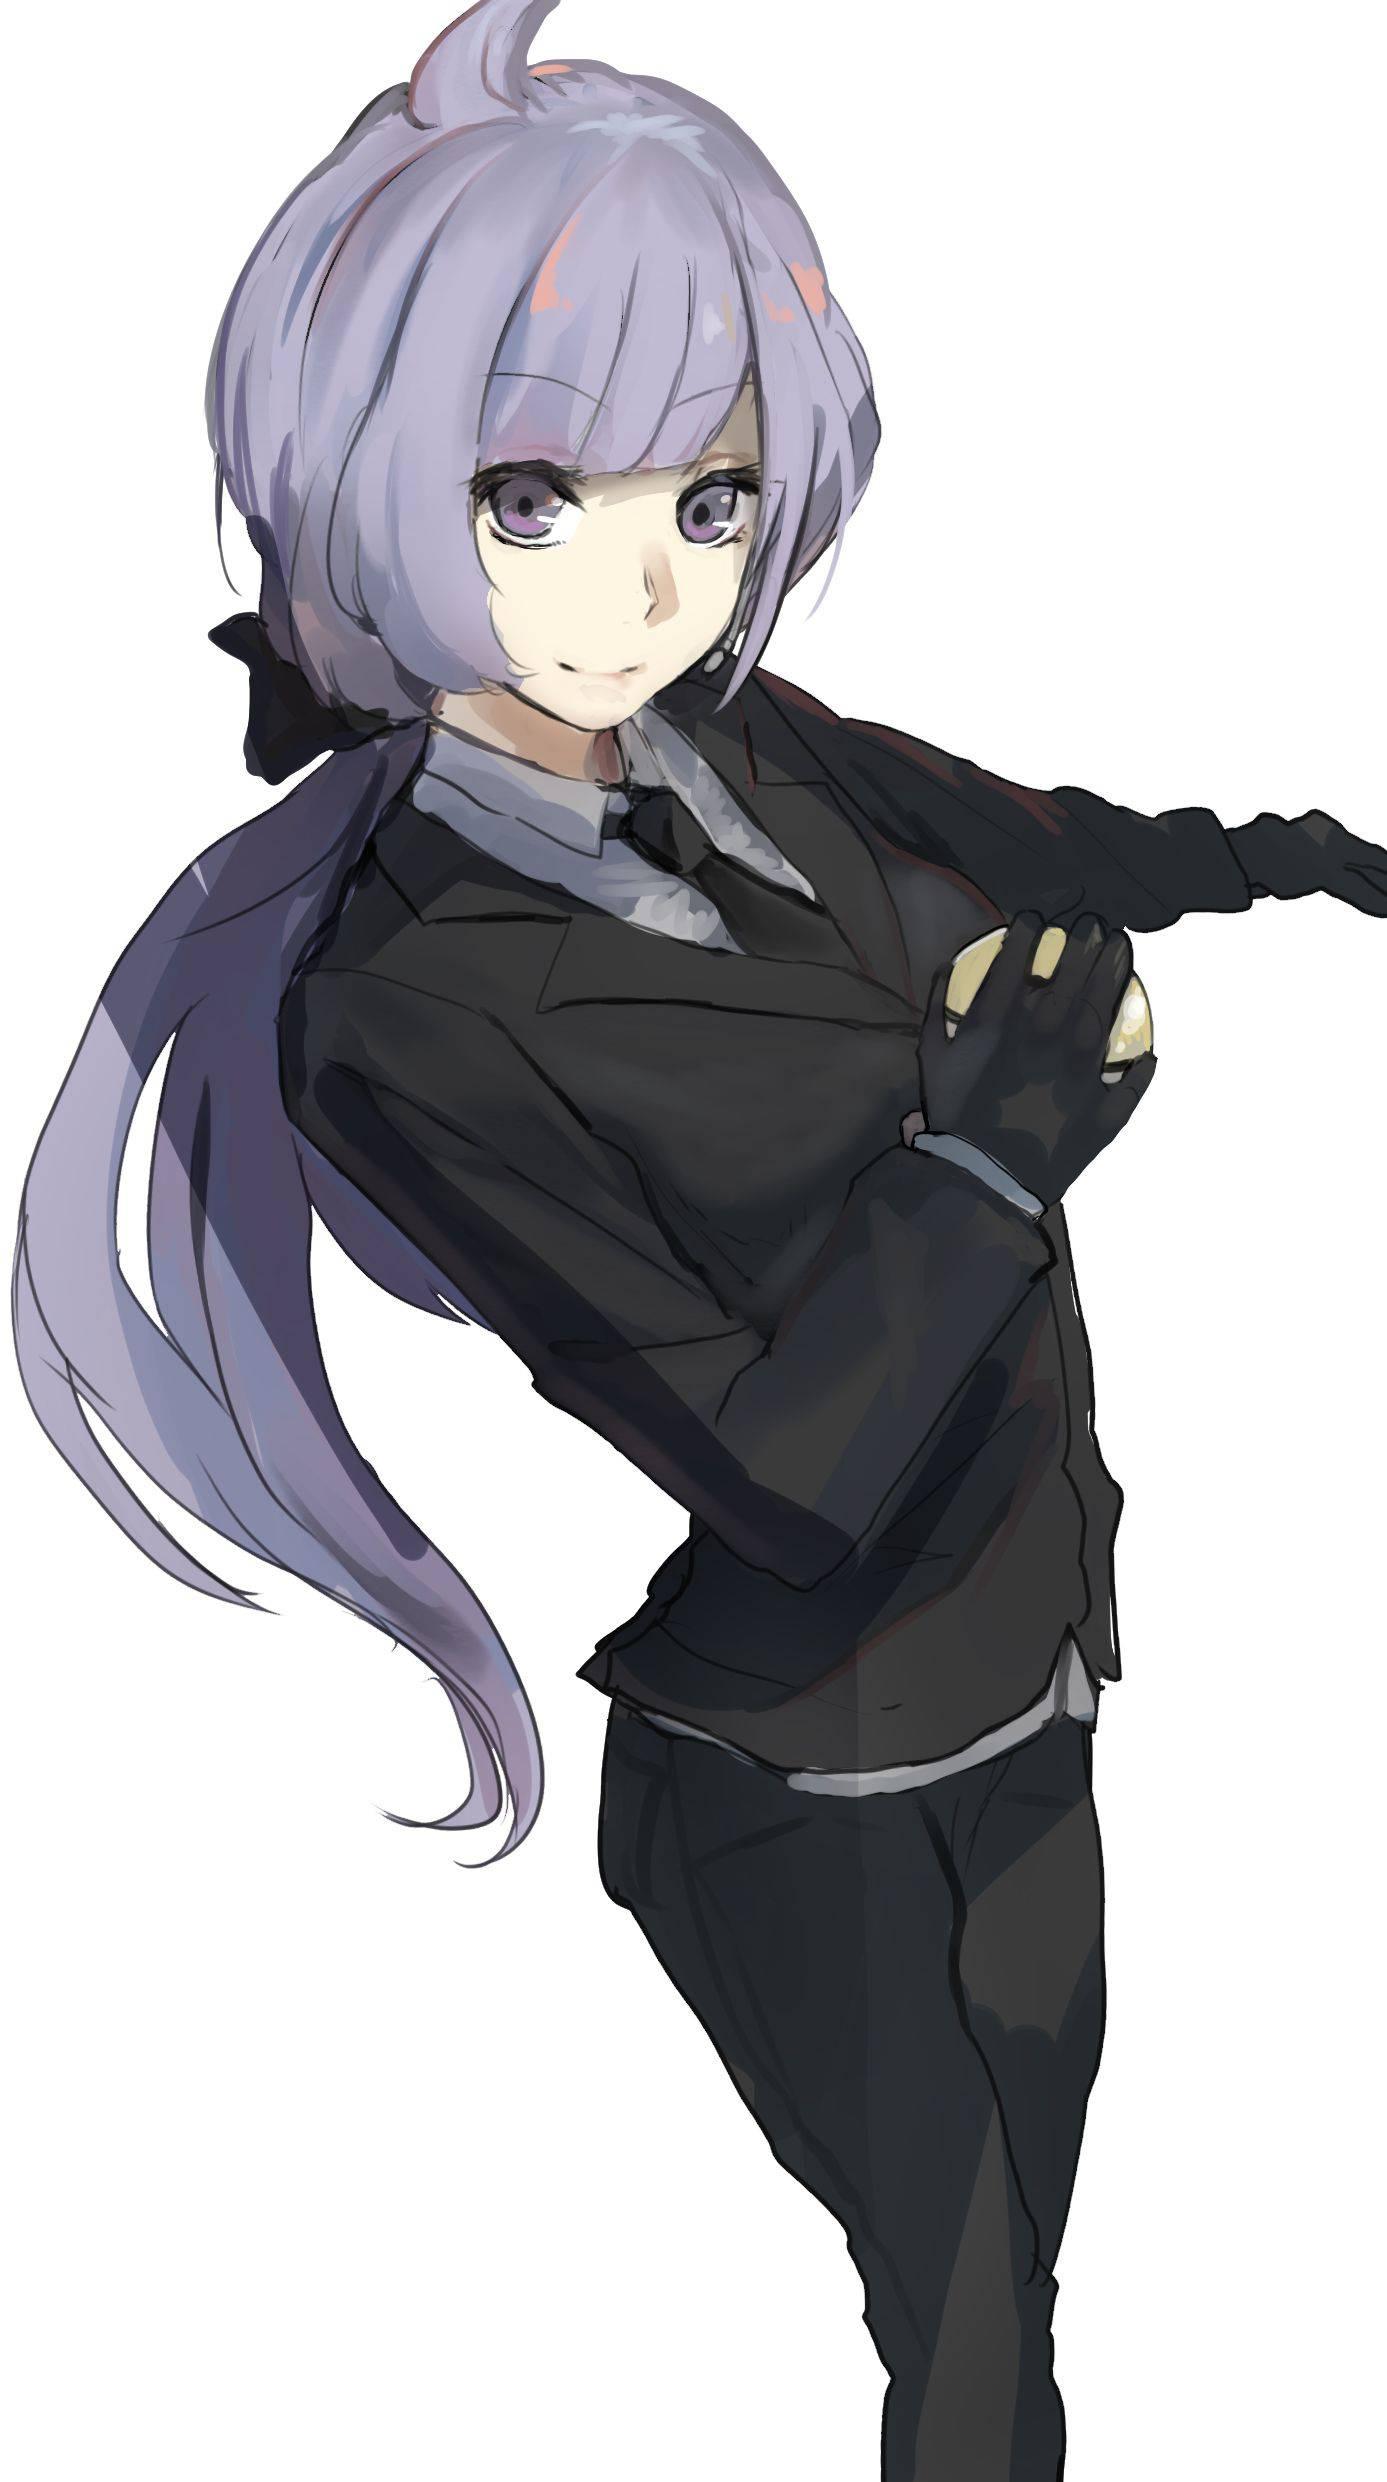 【ポケモンSM】リラのエロ画像【ポケットモンスター サン・ムーン】【25】